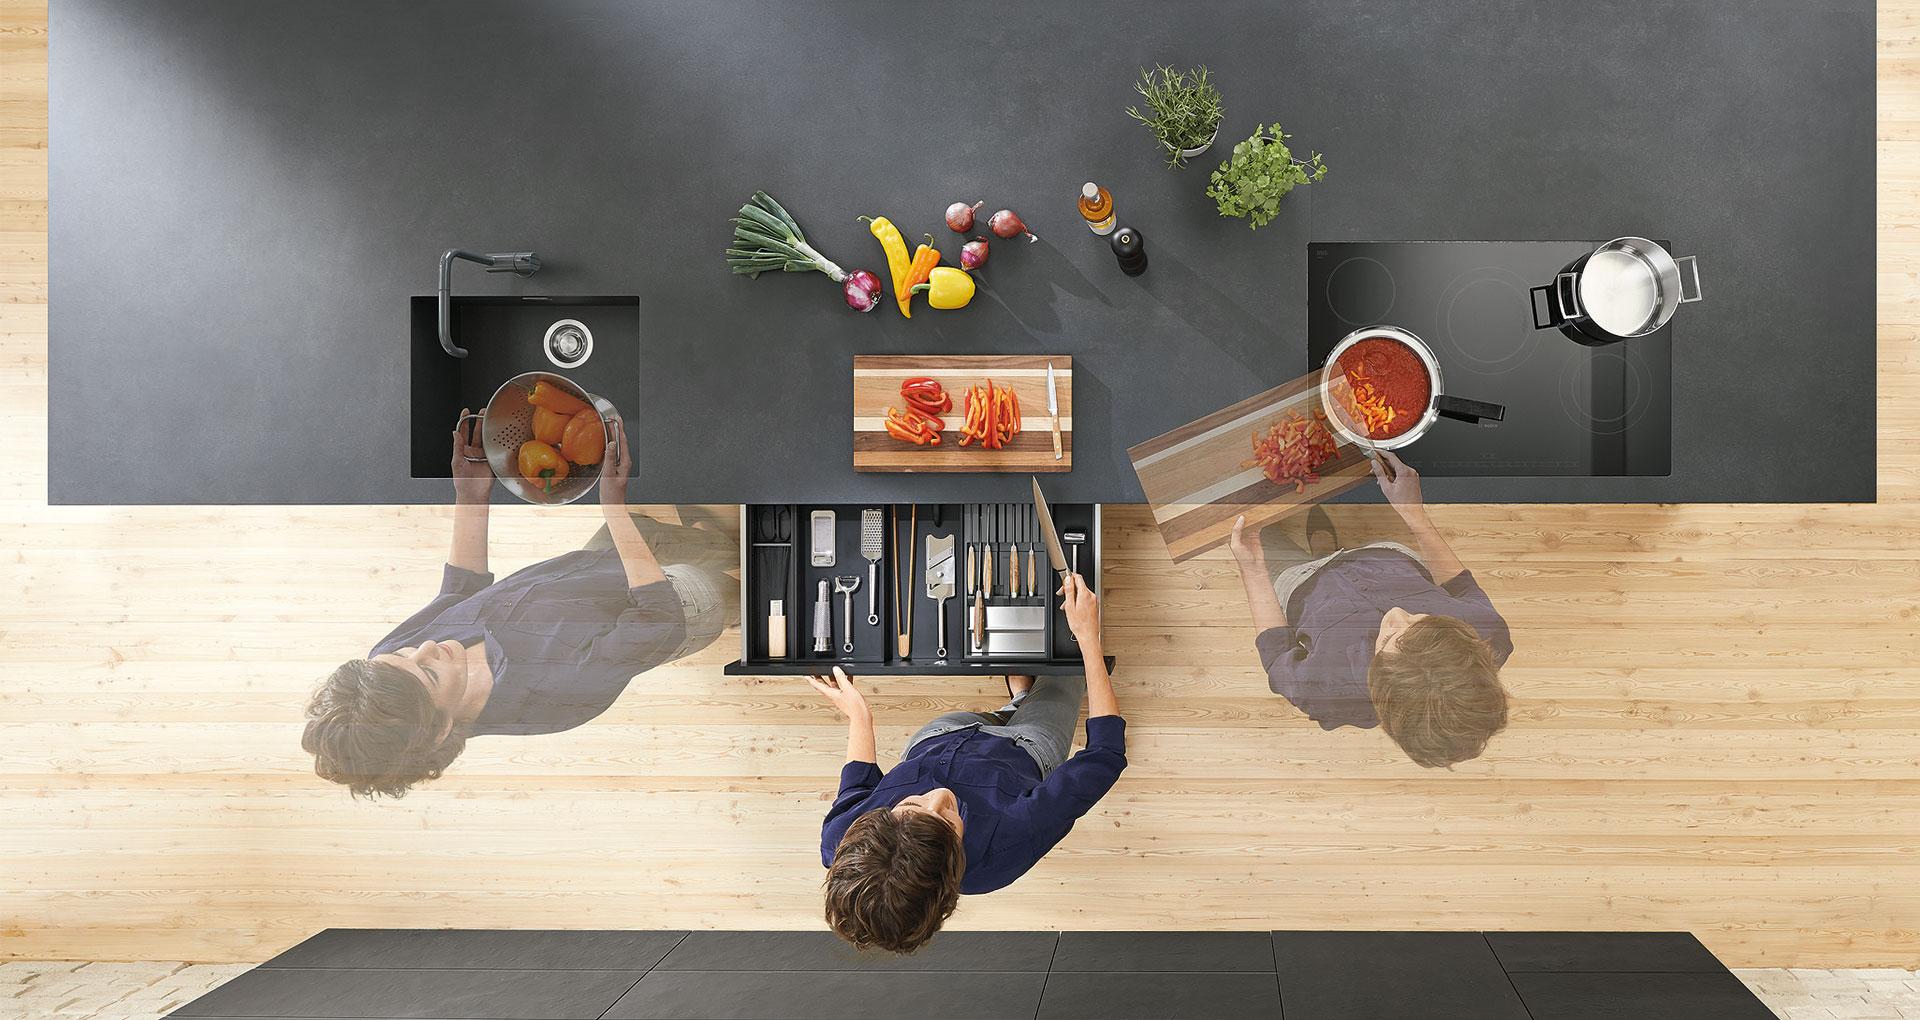 Работа на кухне - это последовательность процессов, которые повторяются каждый день. Чтобы организовать все максимально просто, следует продумать все еще при проектировании